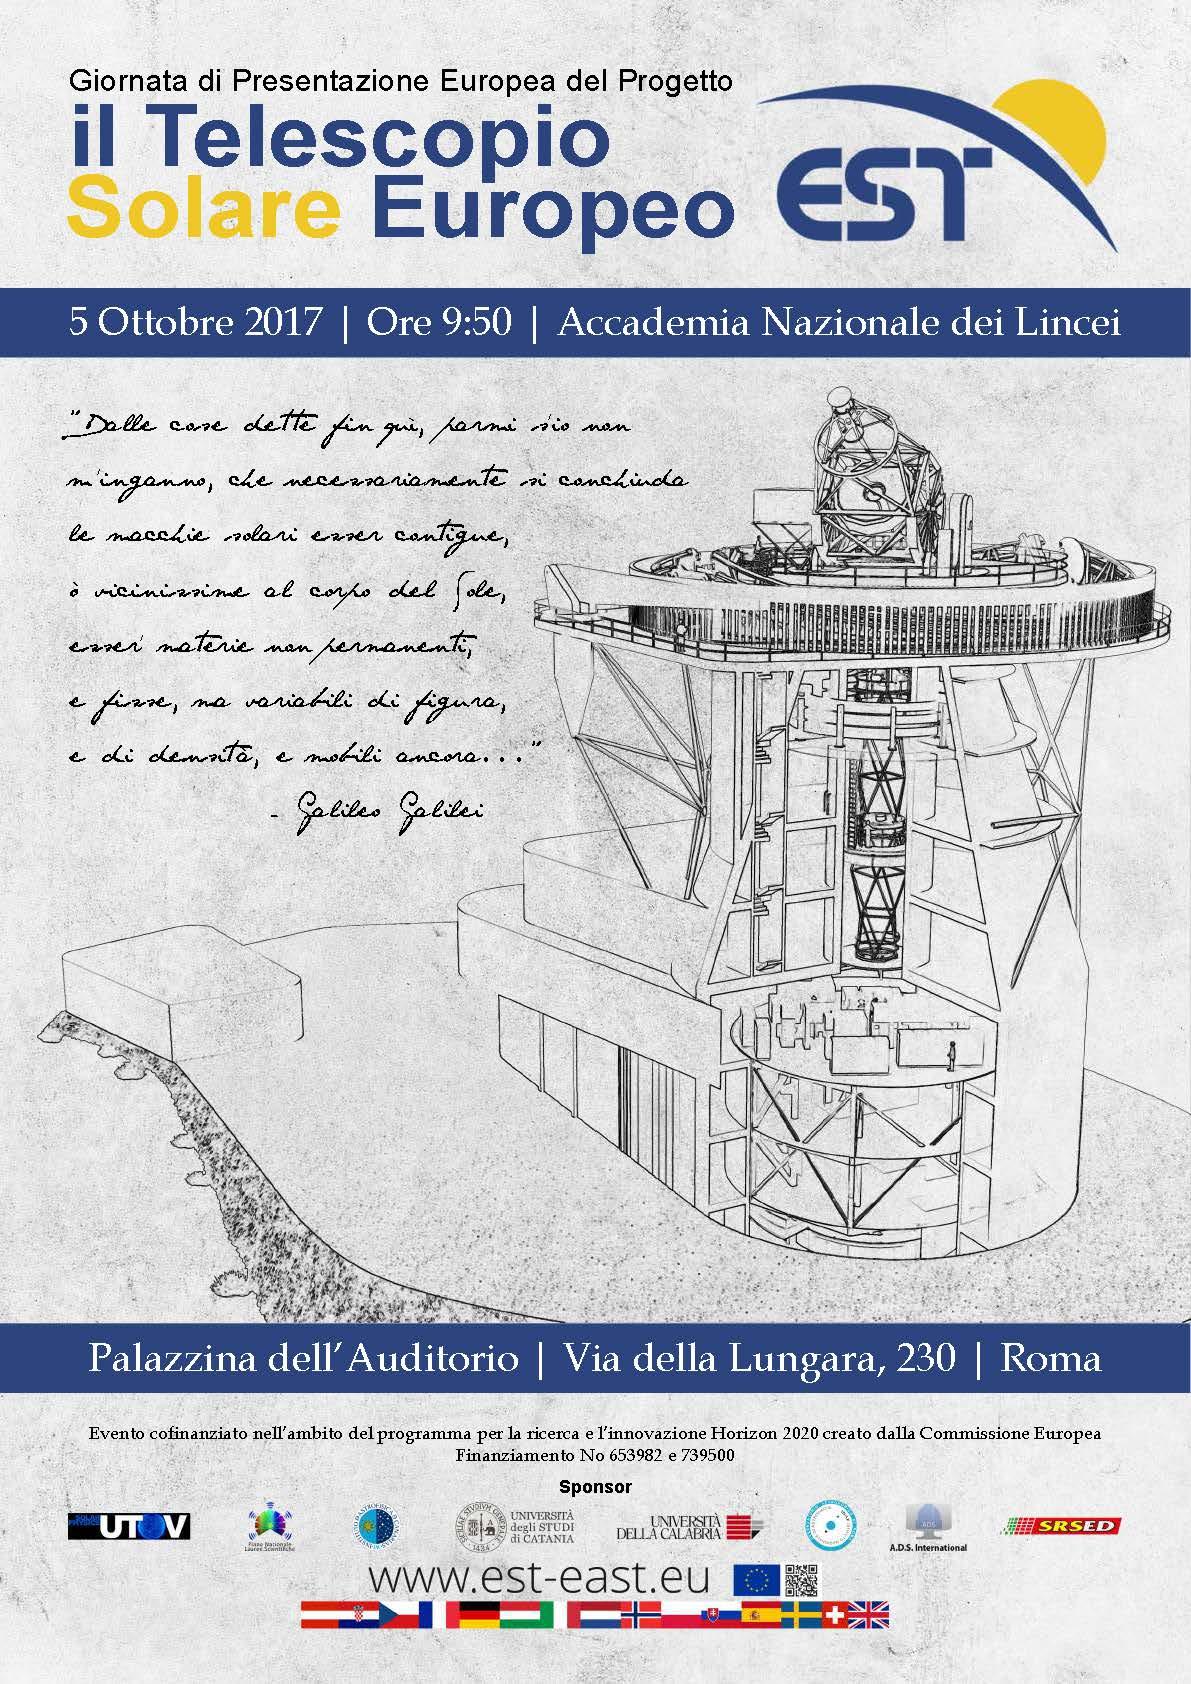 EST: Il Telescopio Solare Europeo